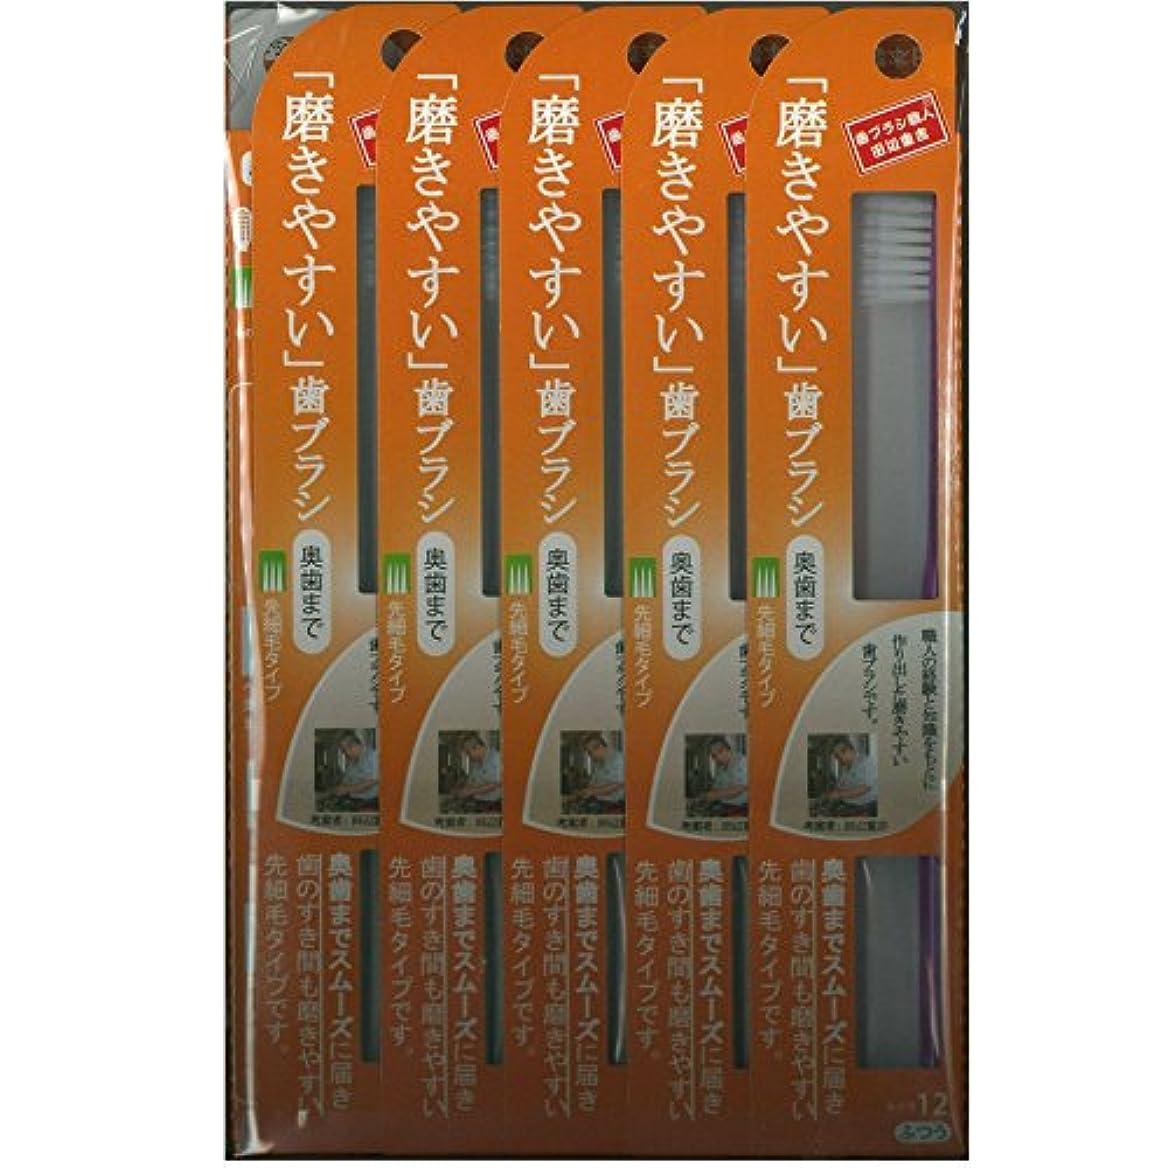 教室識別するリテラシー磨きやすい歯ブラシ(奥歯まで)先細 LT-12×12本セット( ピンク×4本、ブルー×4本、グリーン×2本、パープル×2本)